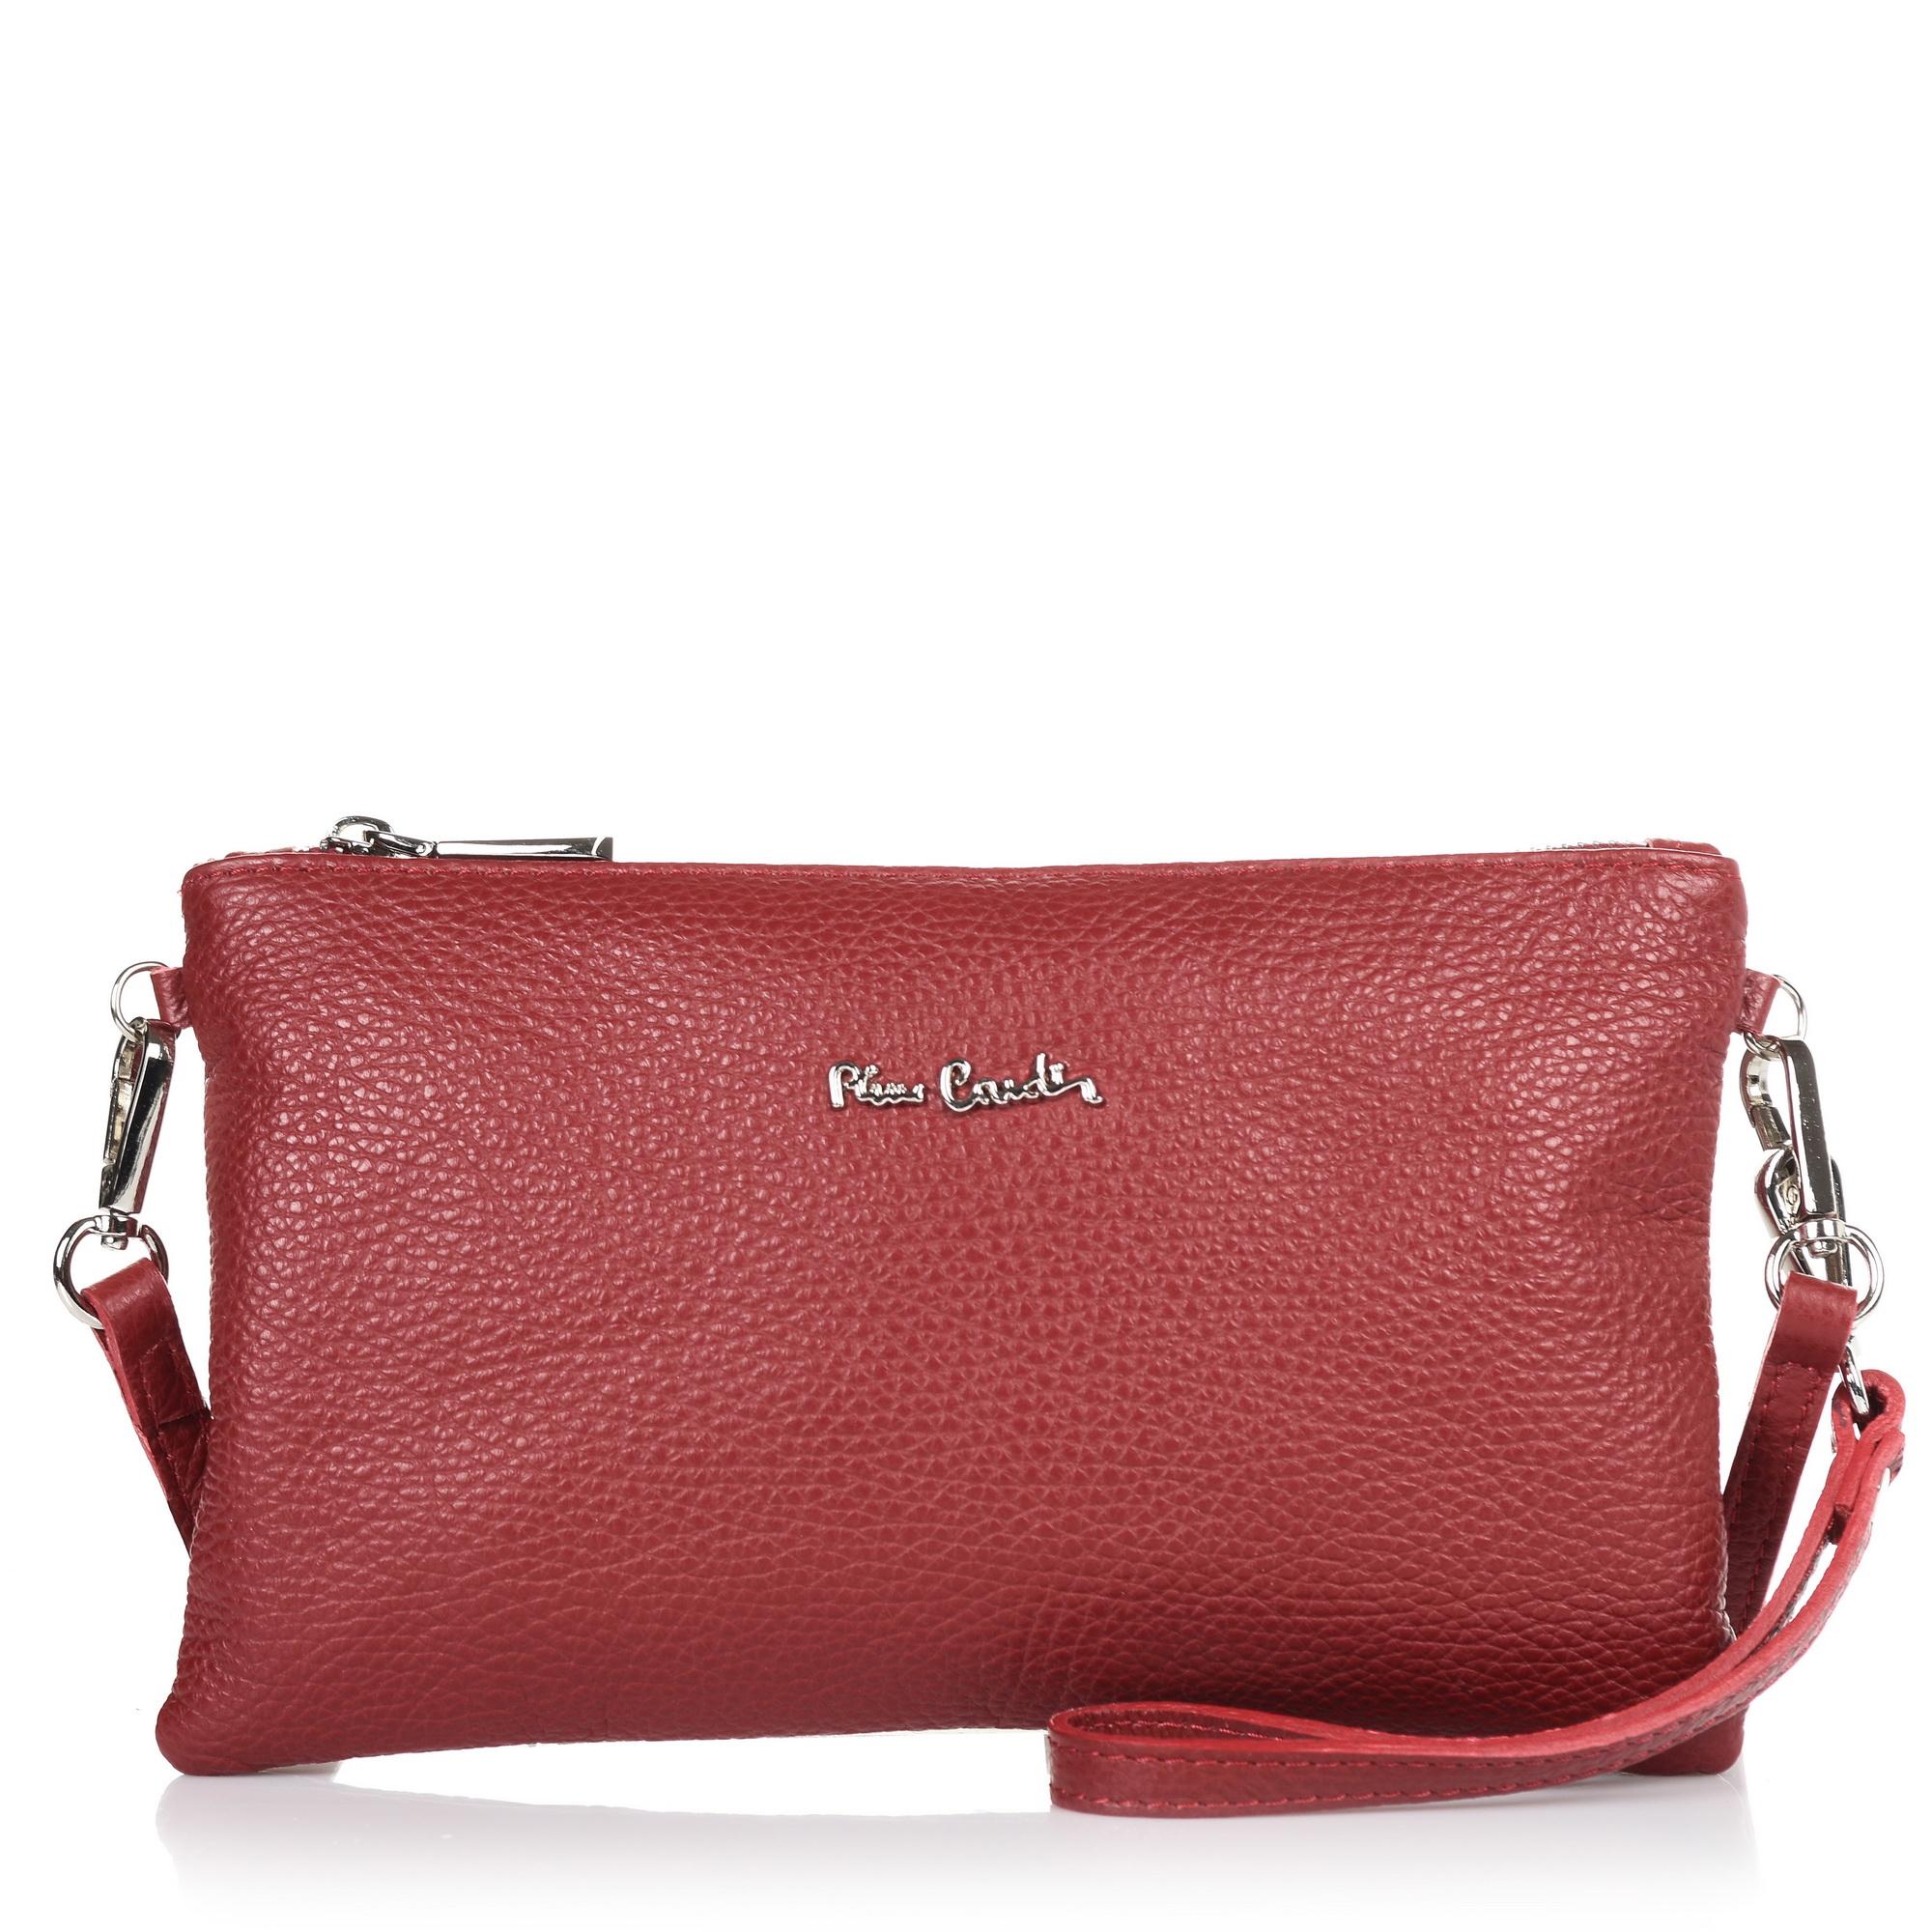 Τσαντάκι Μέσης-Χιαστί Pierre Cardin PC1659 γυναικα   γυναικεία τσάντα